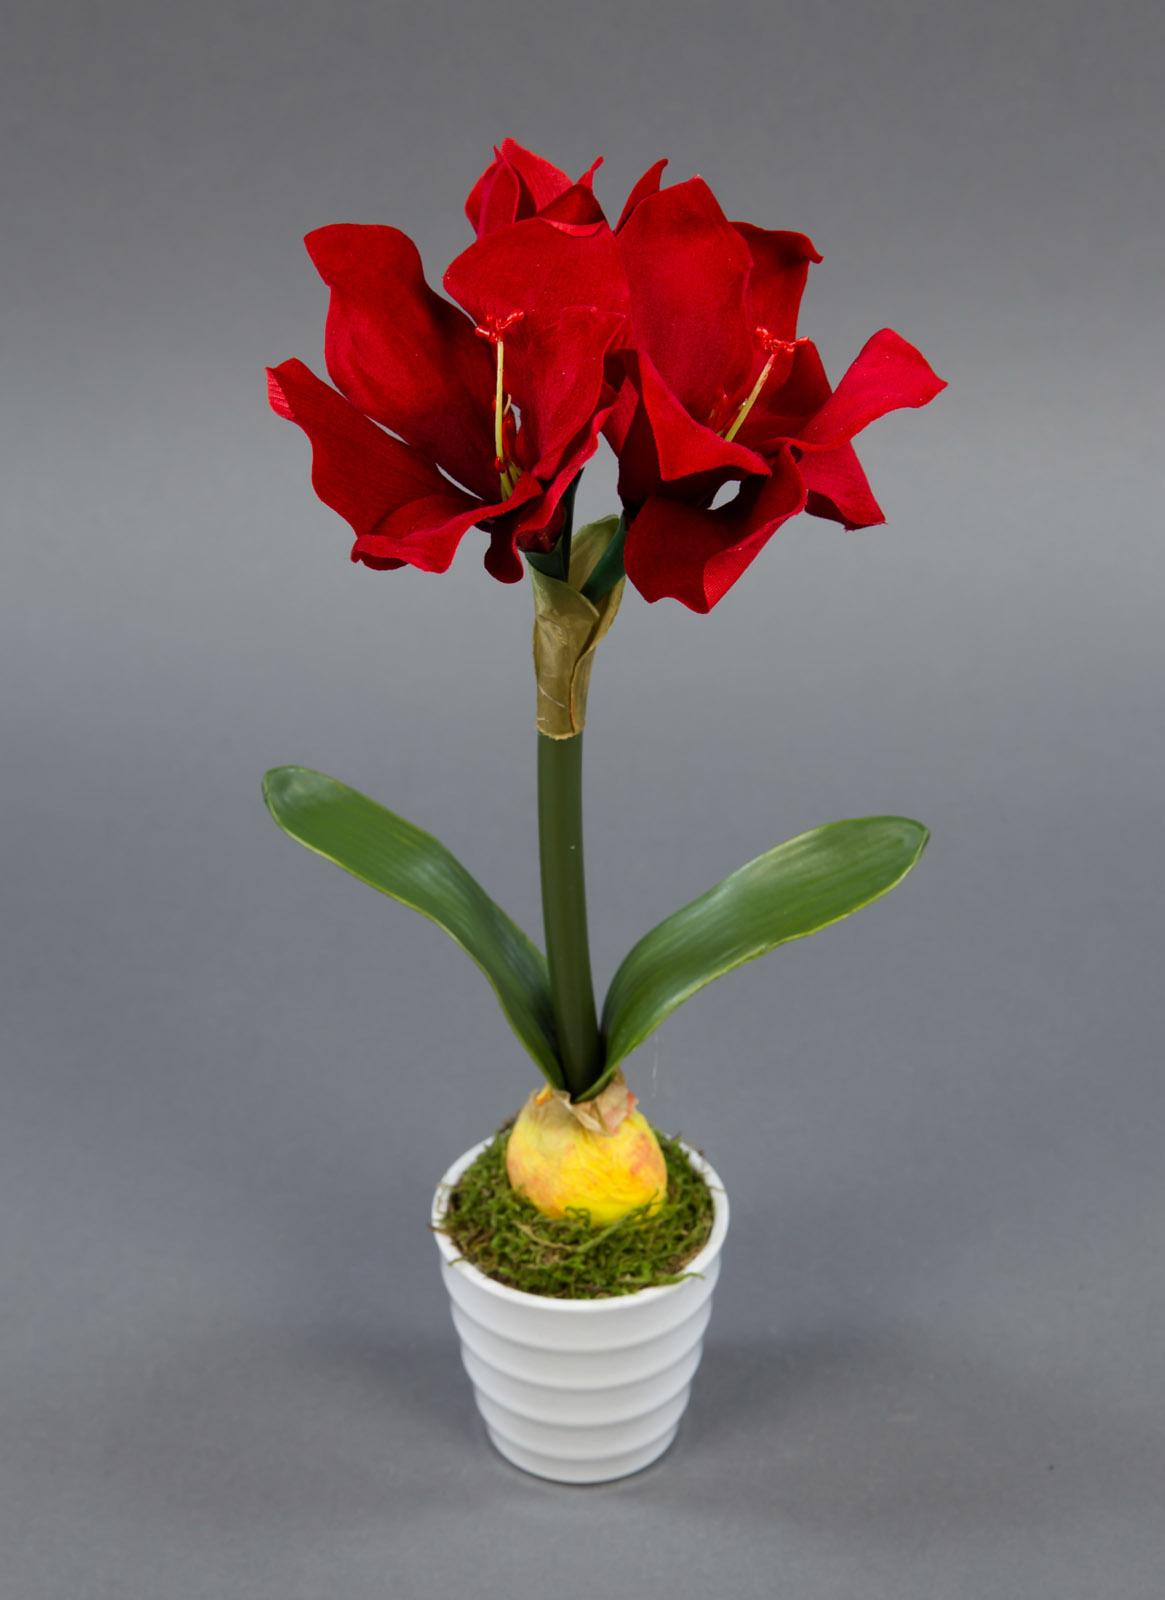 amaryllis pflanze 32cm rot im wei en dekotopf nt k nstliche pflanze kunstblumen ebay. Black Bedroom Furniture Sets. Home Design Ideas